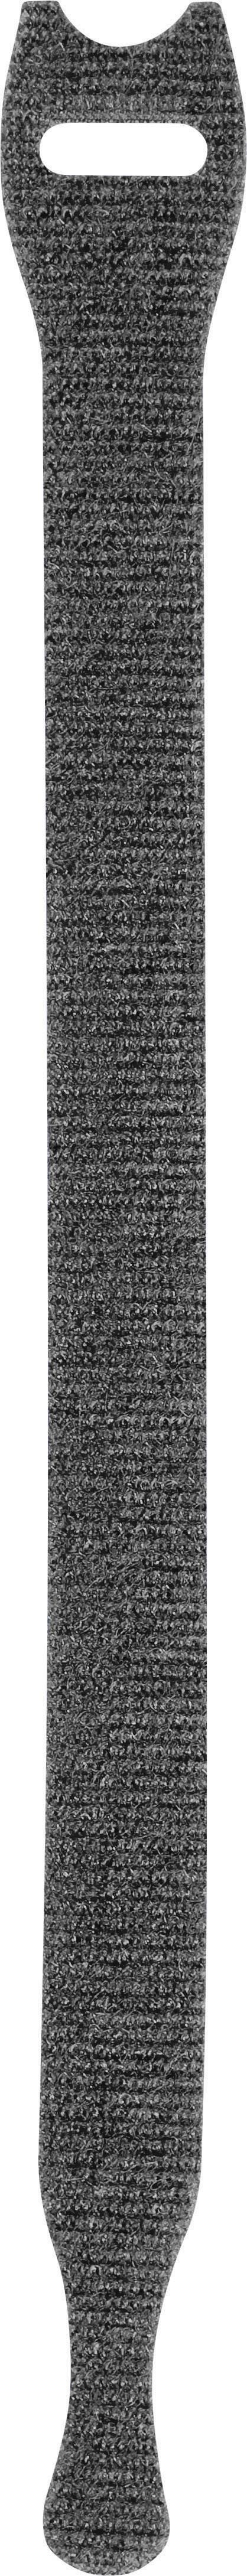 Stahovací páska se suchým zipem TOOLCRAFT KL12X200SC, černá, 200 x 12 mm, černá